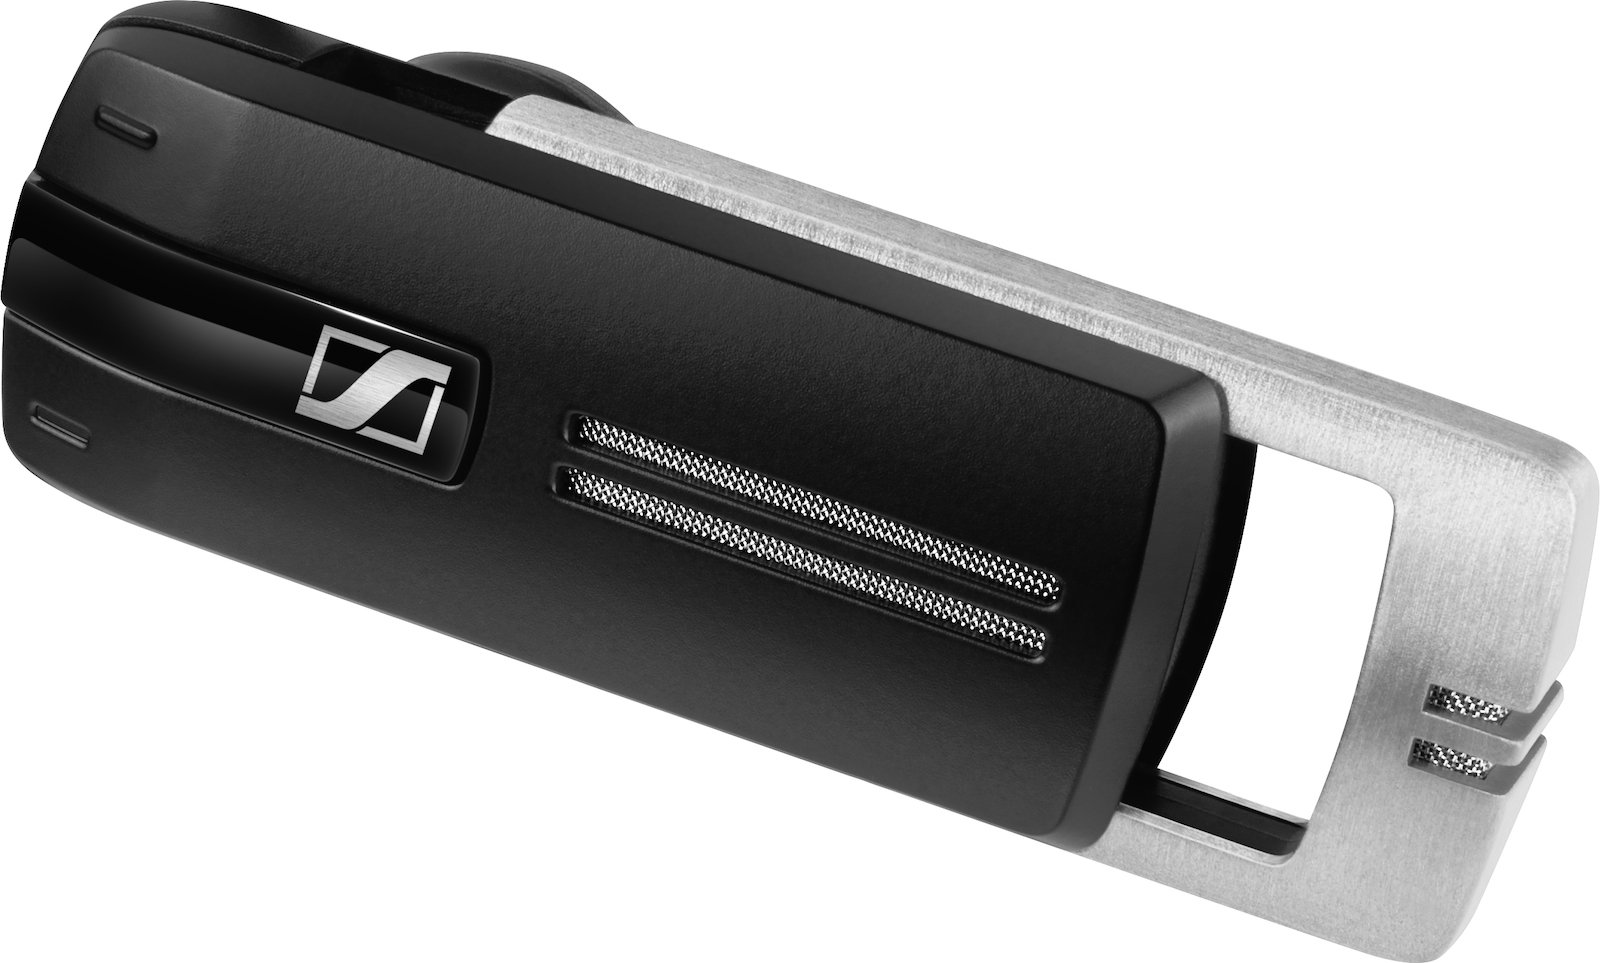 47a440a77f5 REVIEWED  Sennheiser Presence hands-free headset - Travgear.com